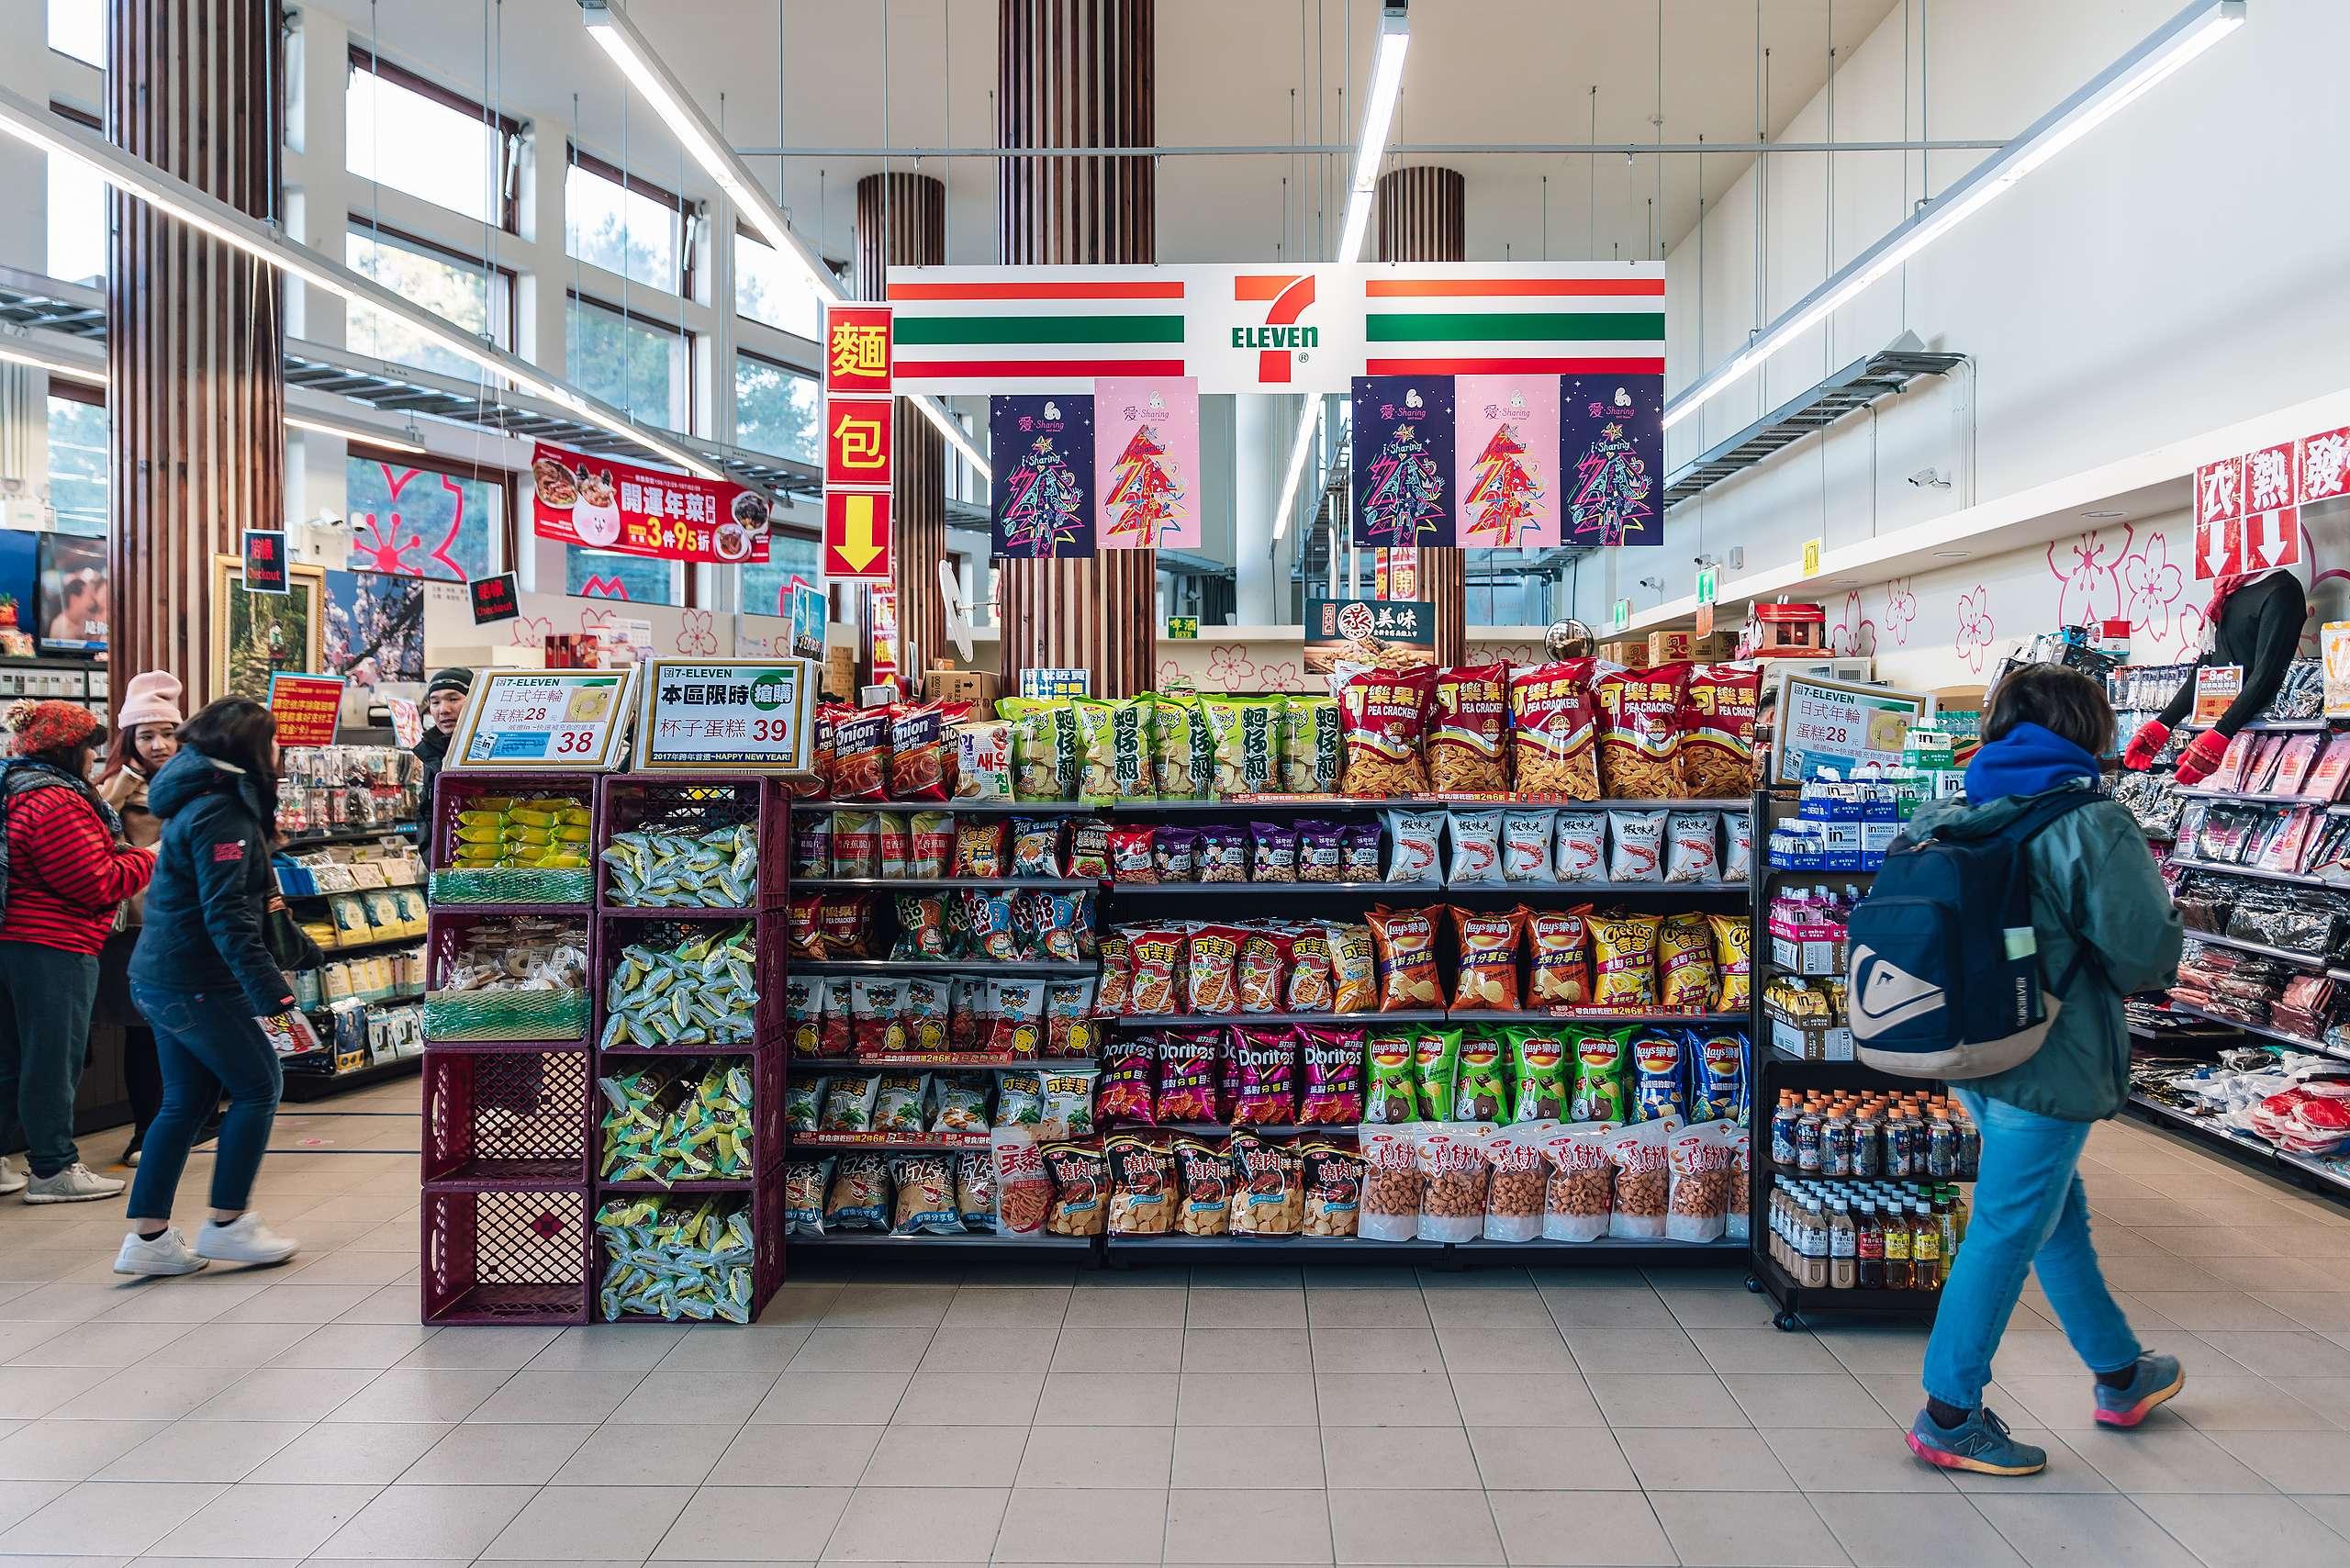 統一超商在全臺有逾5,500間門市,無論分店數或營業額都是超商龍頭,難以望其項背。